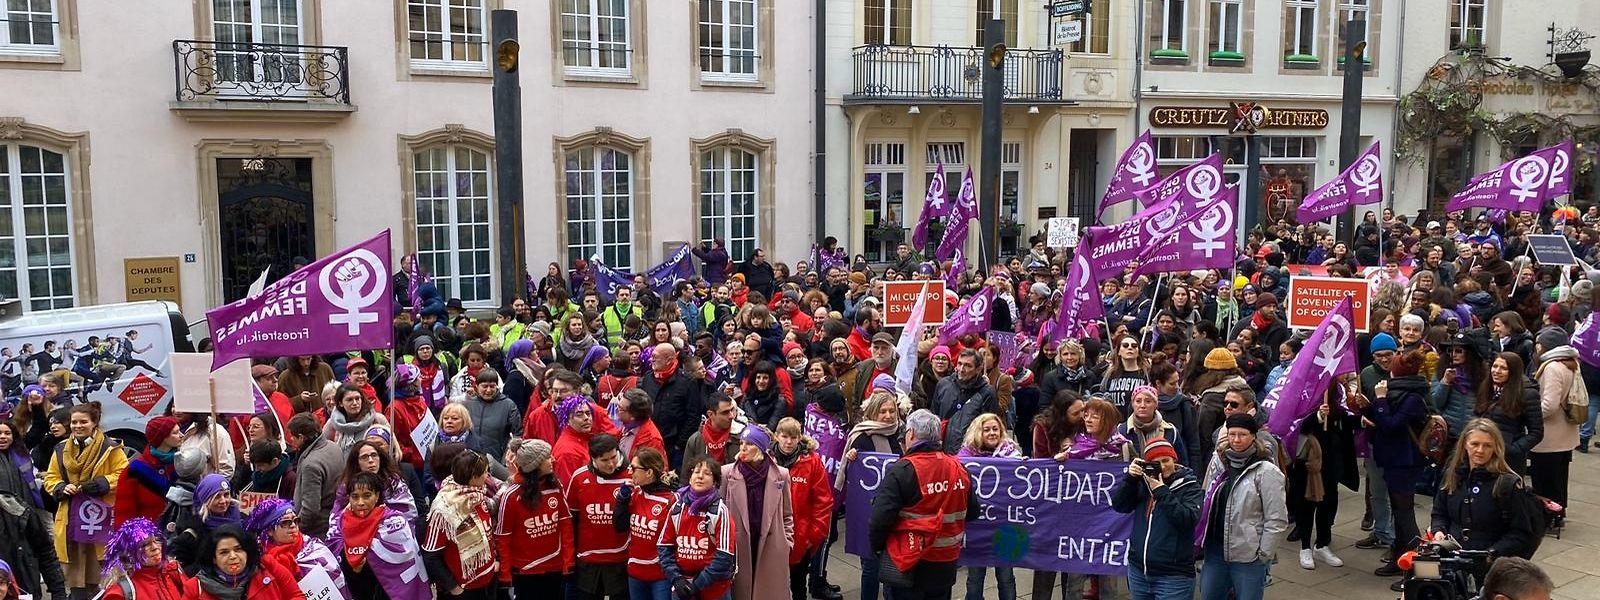 Vor der Abgeordnetenkammer stellten die Demonstrantinnen ihre Forderungen klar.